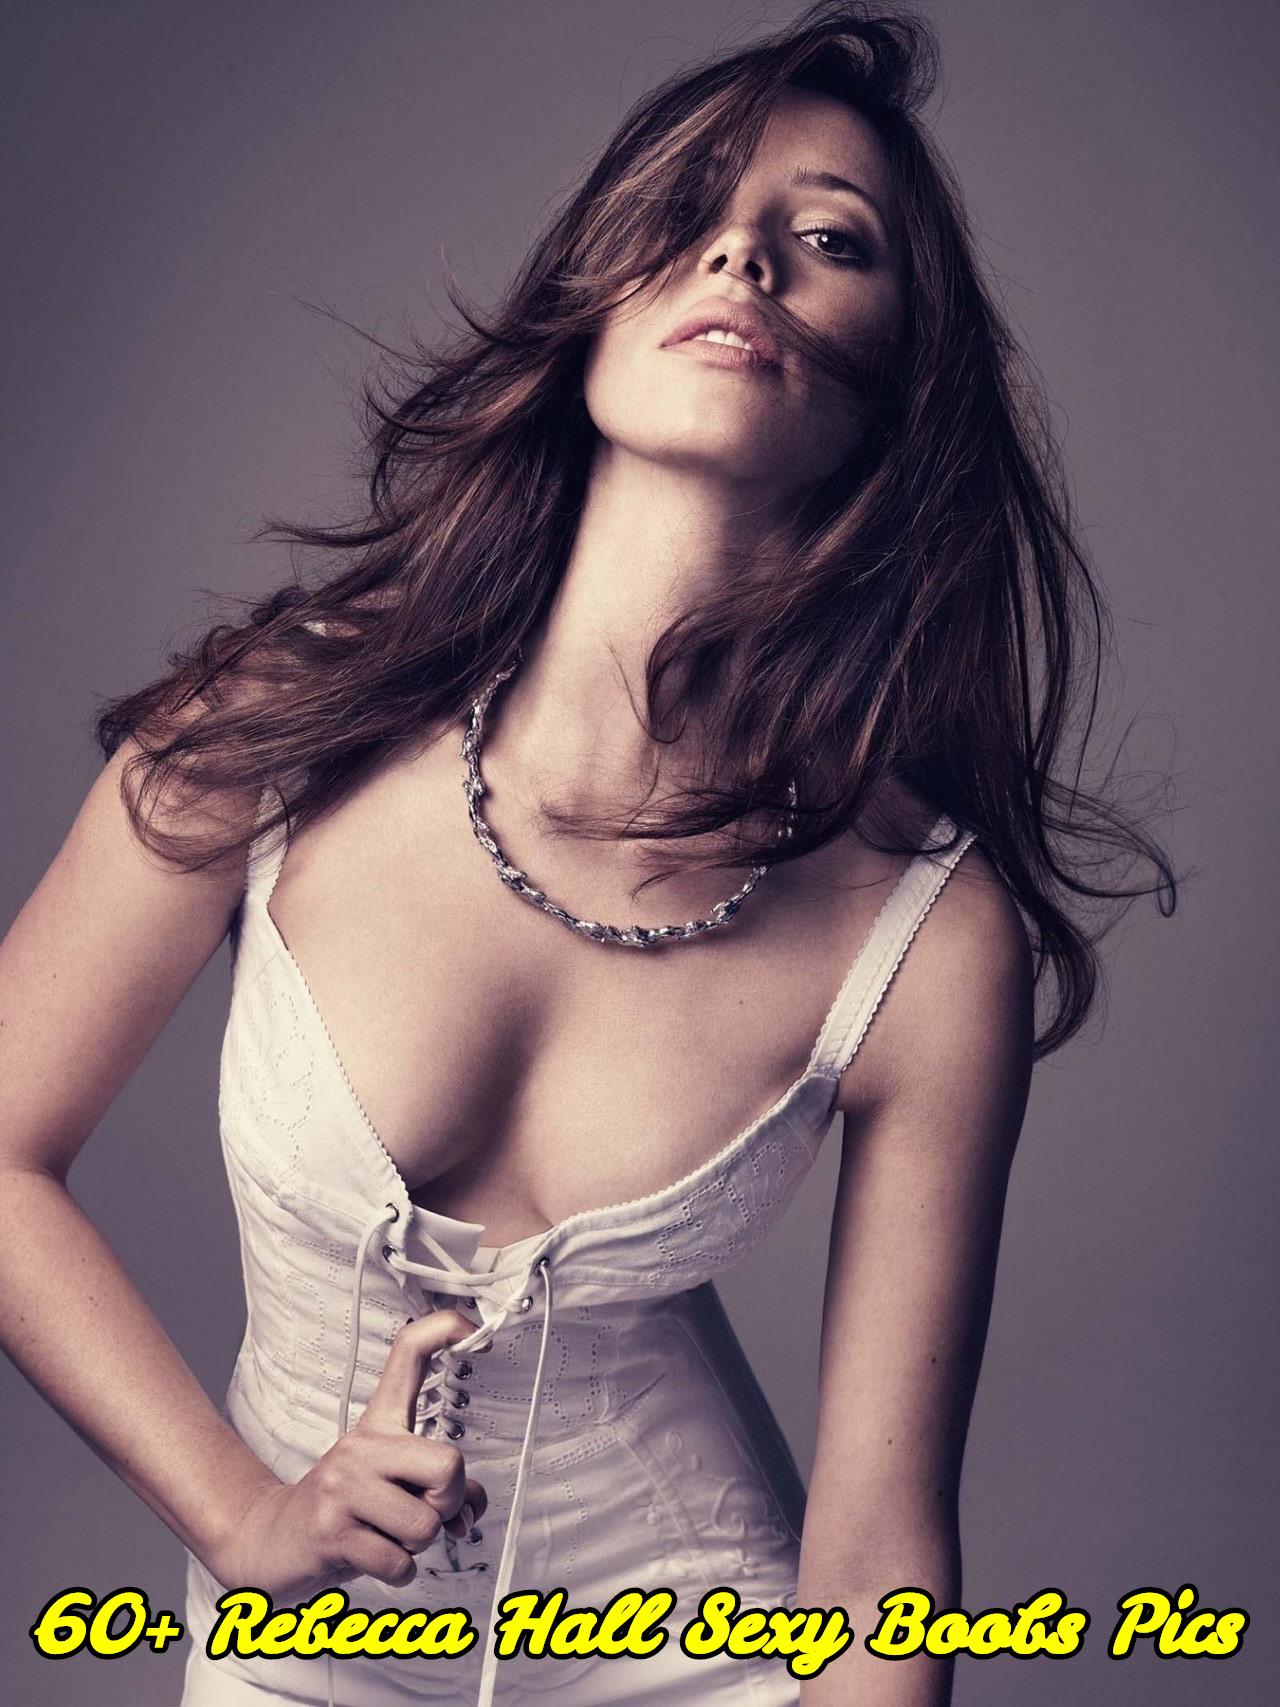 Rebecca Hall sexy boobs pics